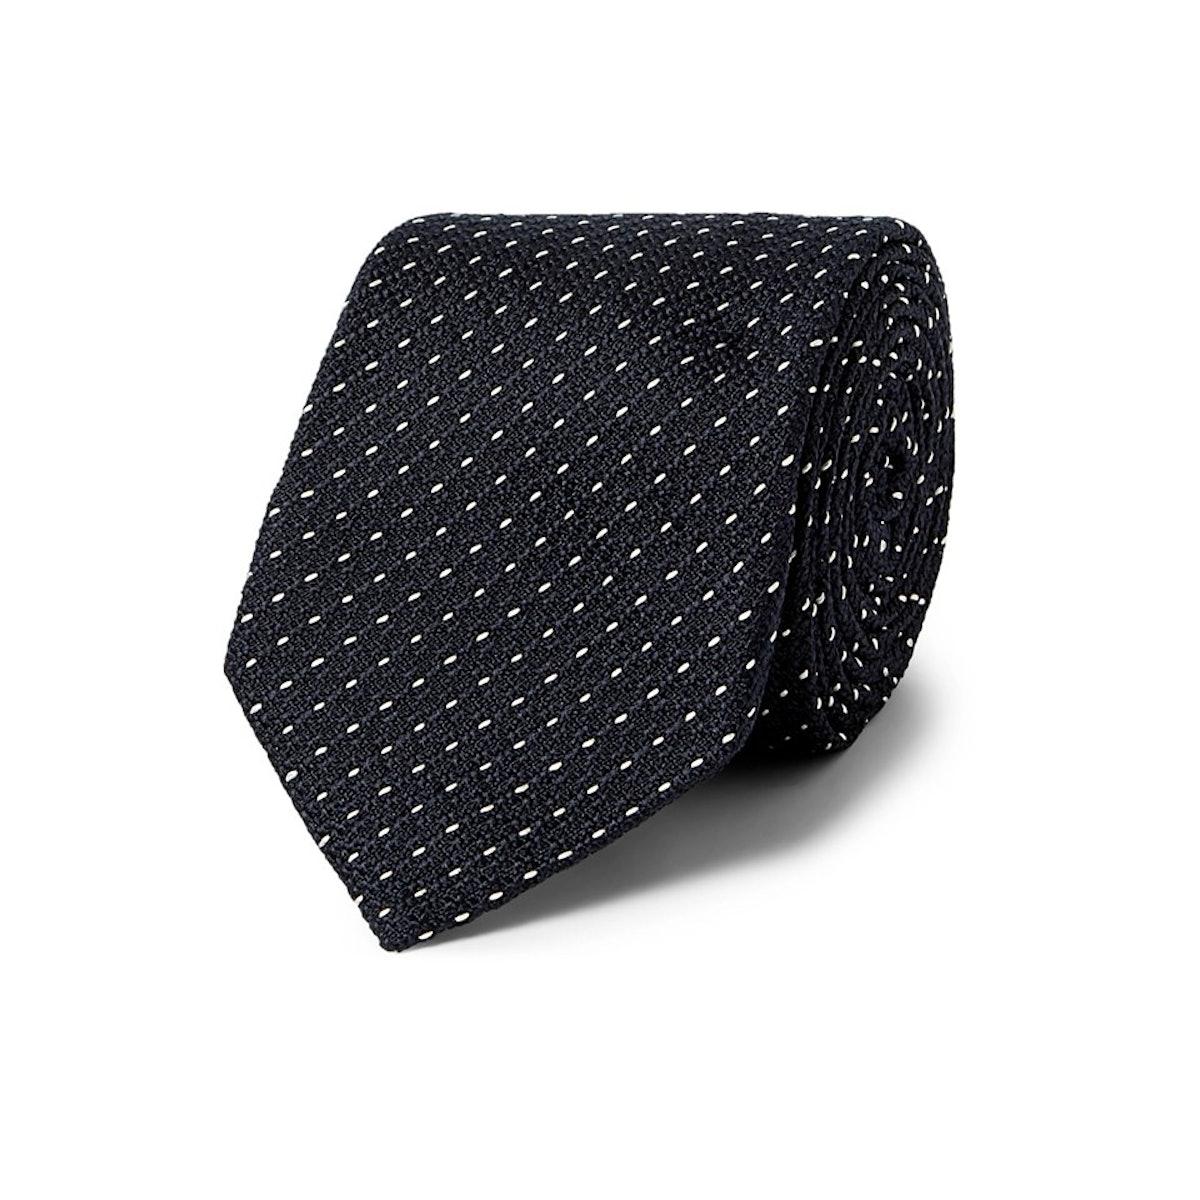 kingsman tie.jpg